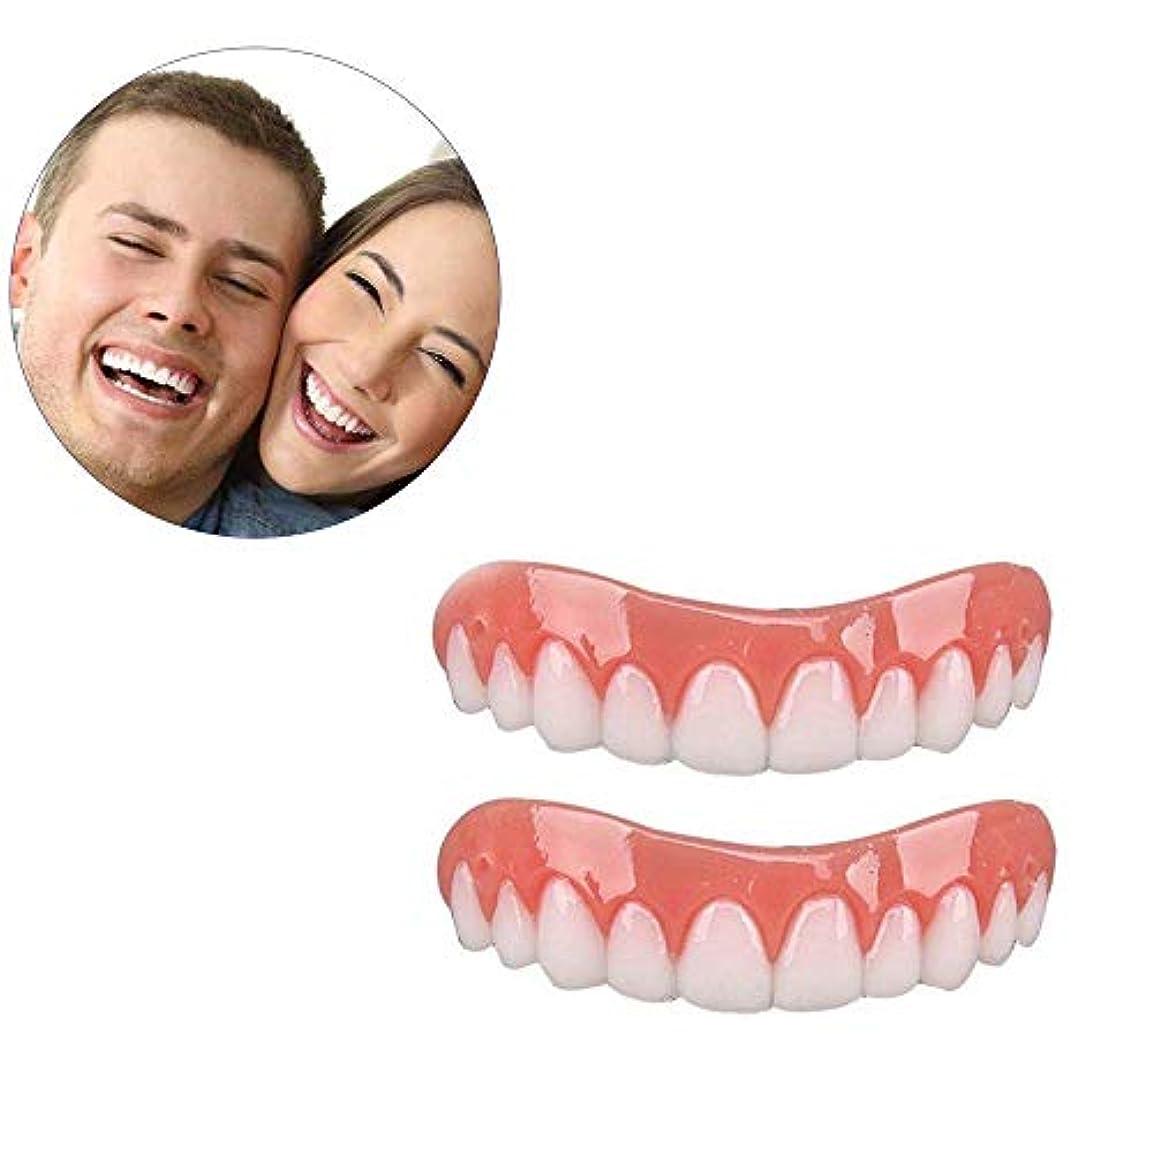 追跡ピカソ批評インスタントパーフェクトスマイル上歯ベニア歯のホワイトニングコンフォートフィットフレックス化粧品、2PCS